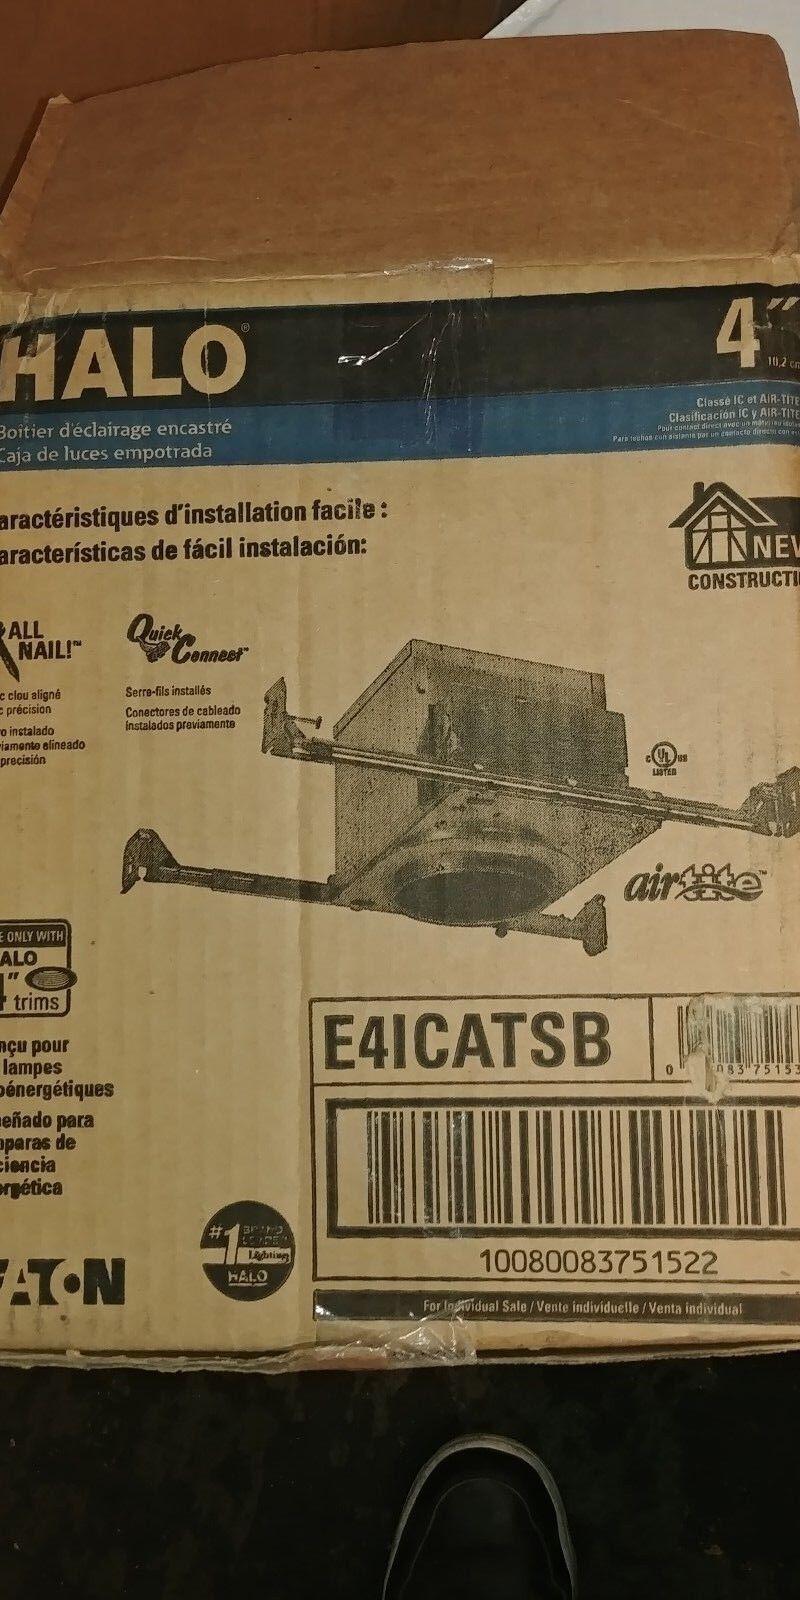 (6) Halo EA 41 catsb Air-Tite IC remodelar empotrado de la vivienda